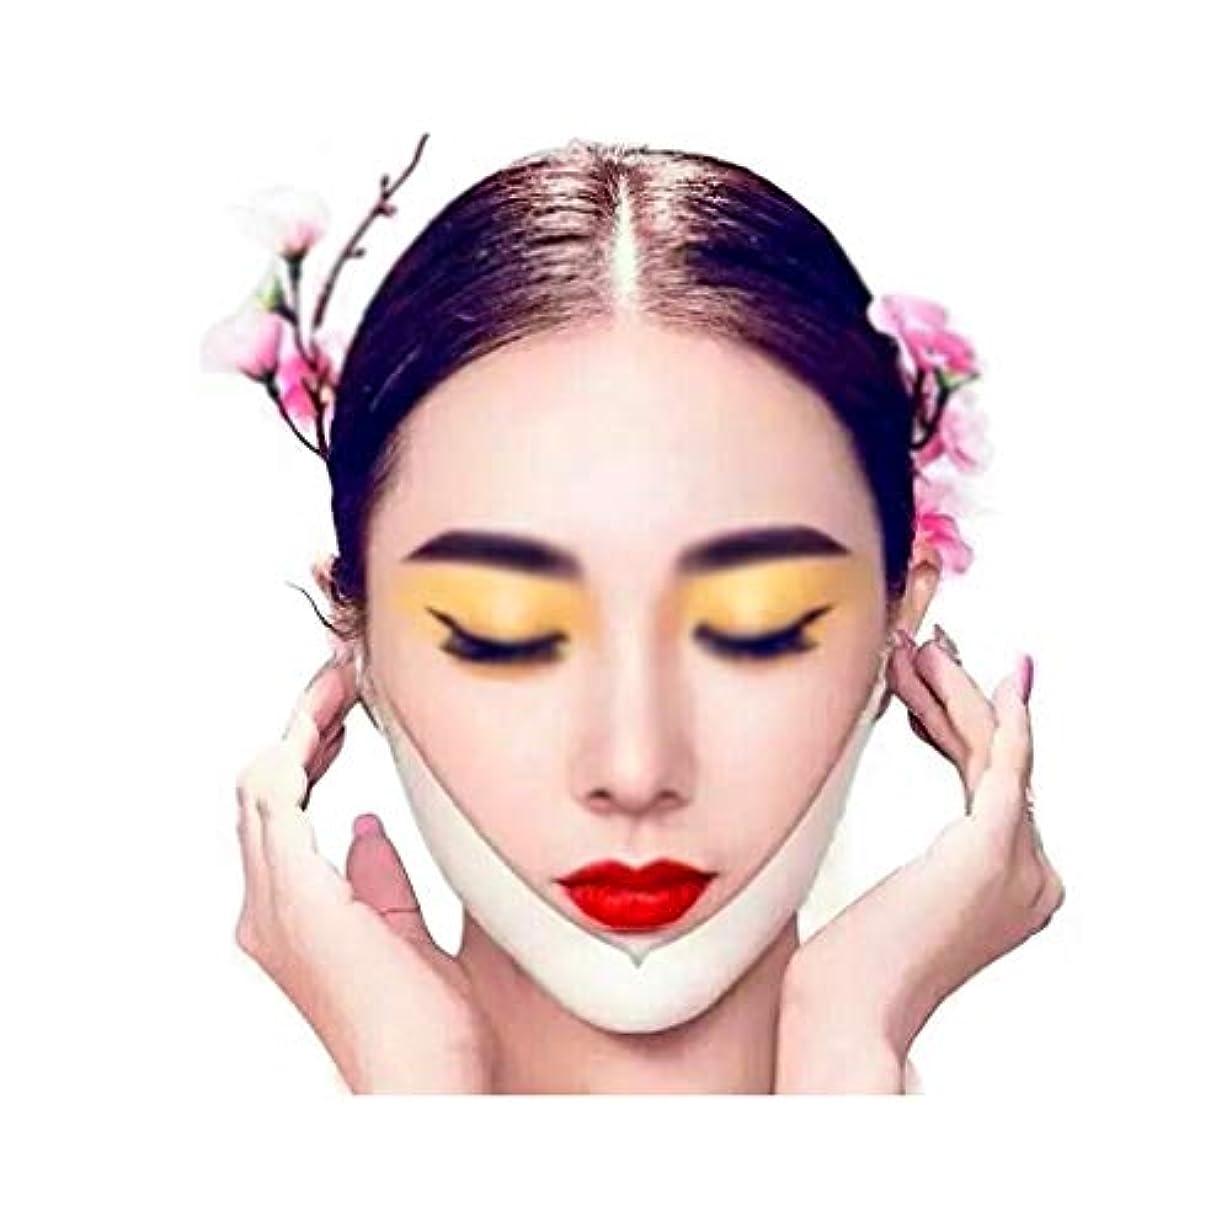 バンド胃母XHLMRMJ 薄い顔のマスク、Vの顔の包帯、下顎の咬筋のあごを改善して顔のラインを形作る、5つのボックス、3つの顔のマスク